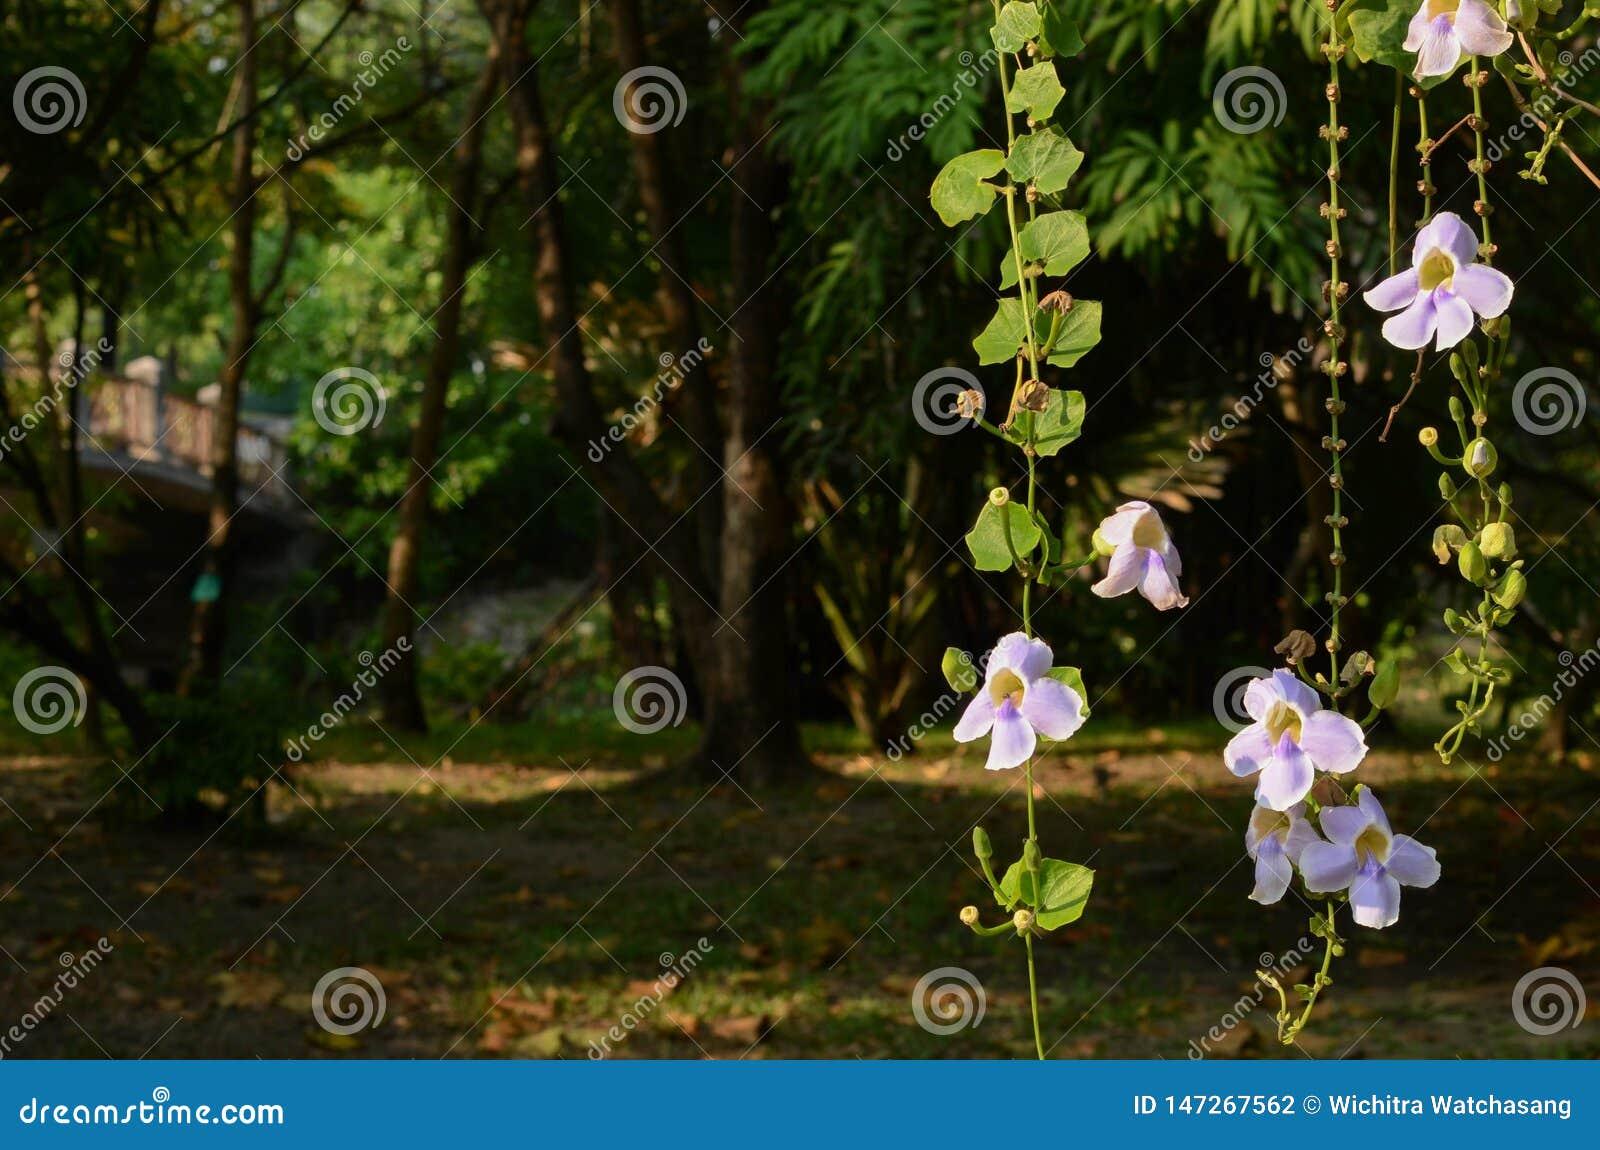 Ranku lekki promień na Thunbergia grandiflora, piękny purpura kwiat z liśćmi zielenieje tło